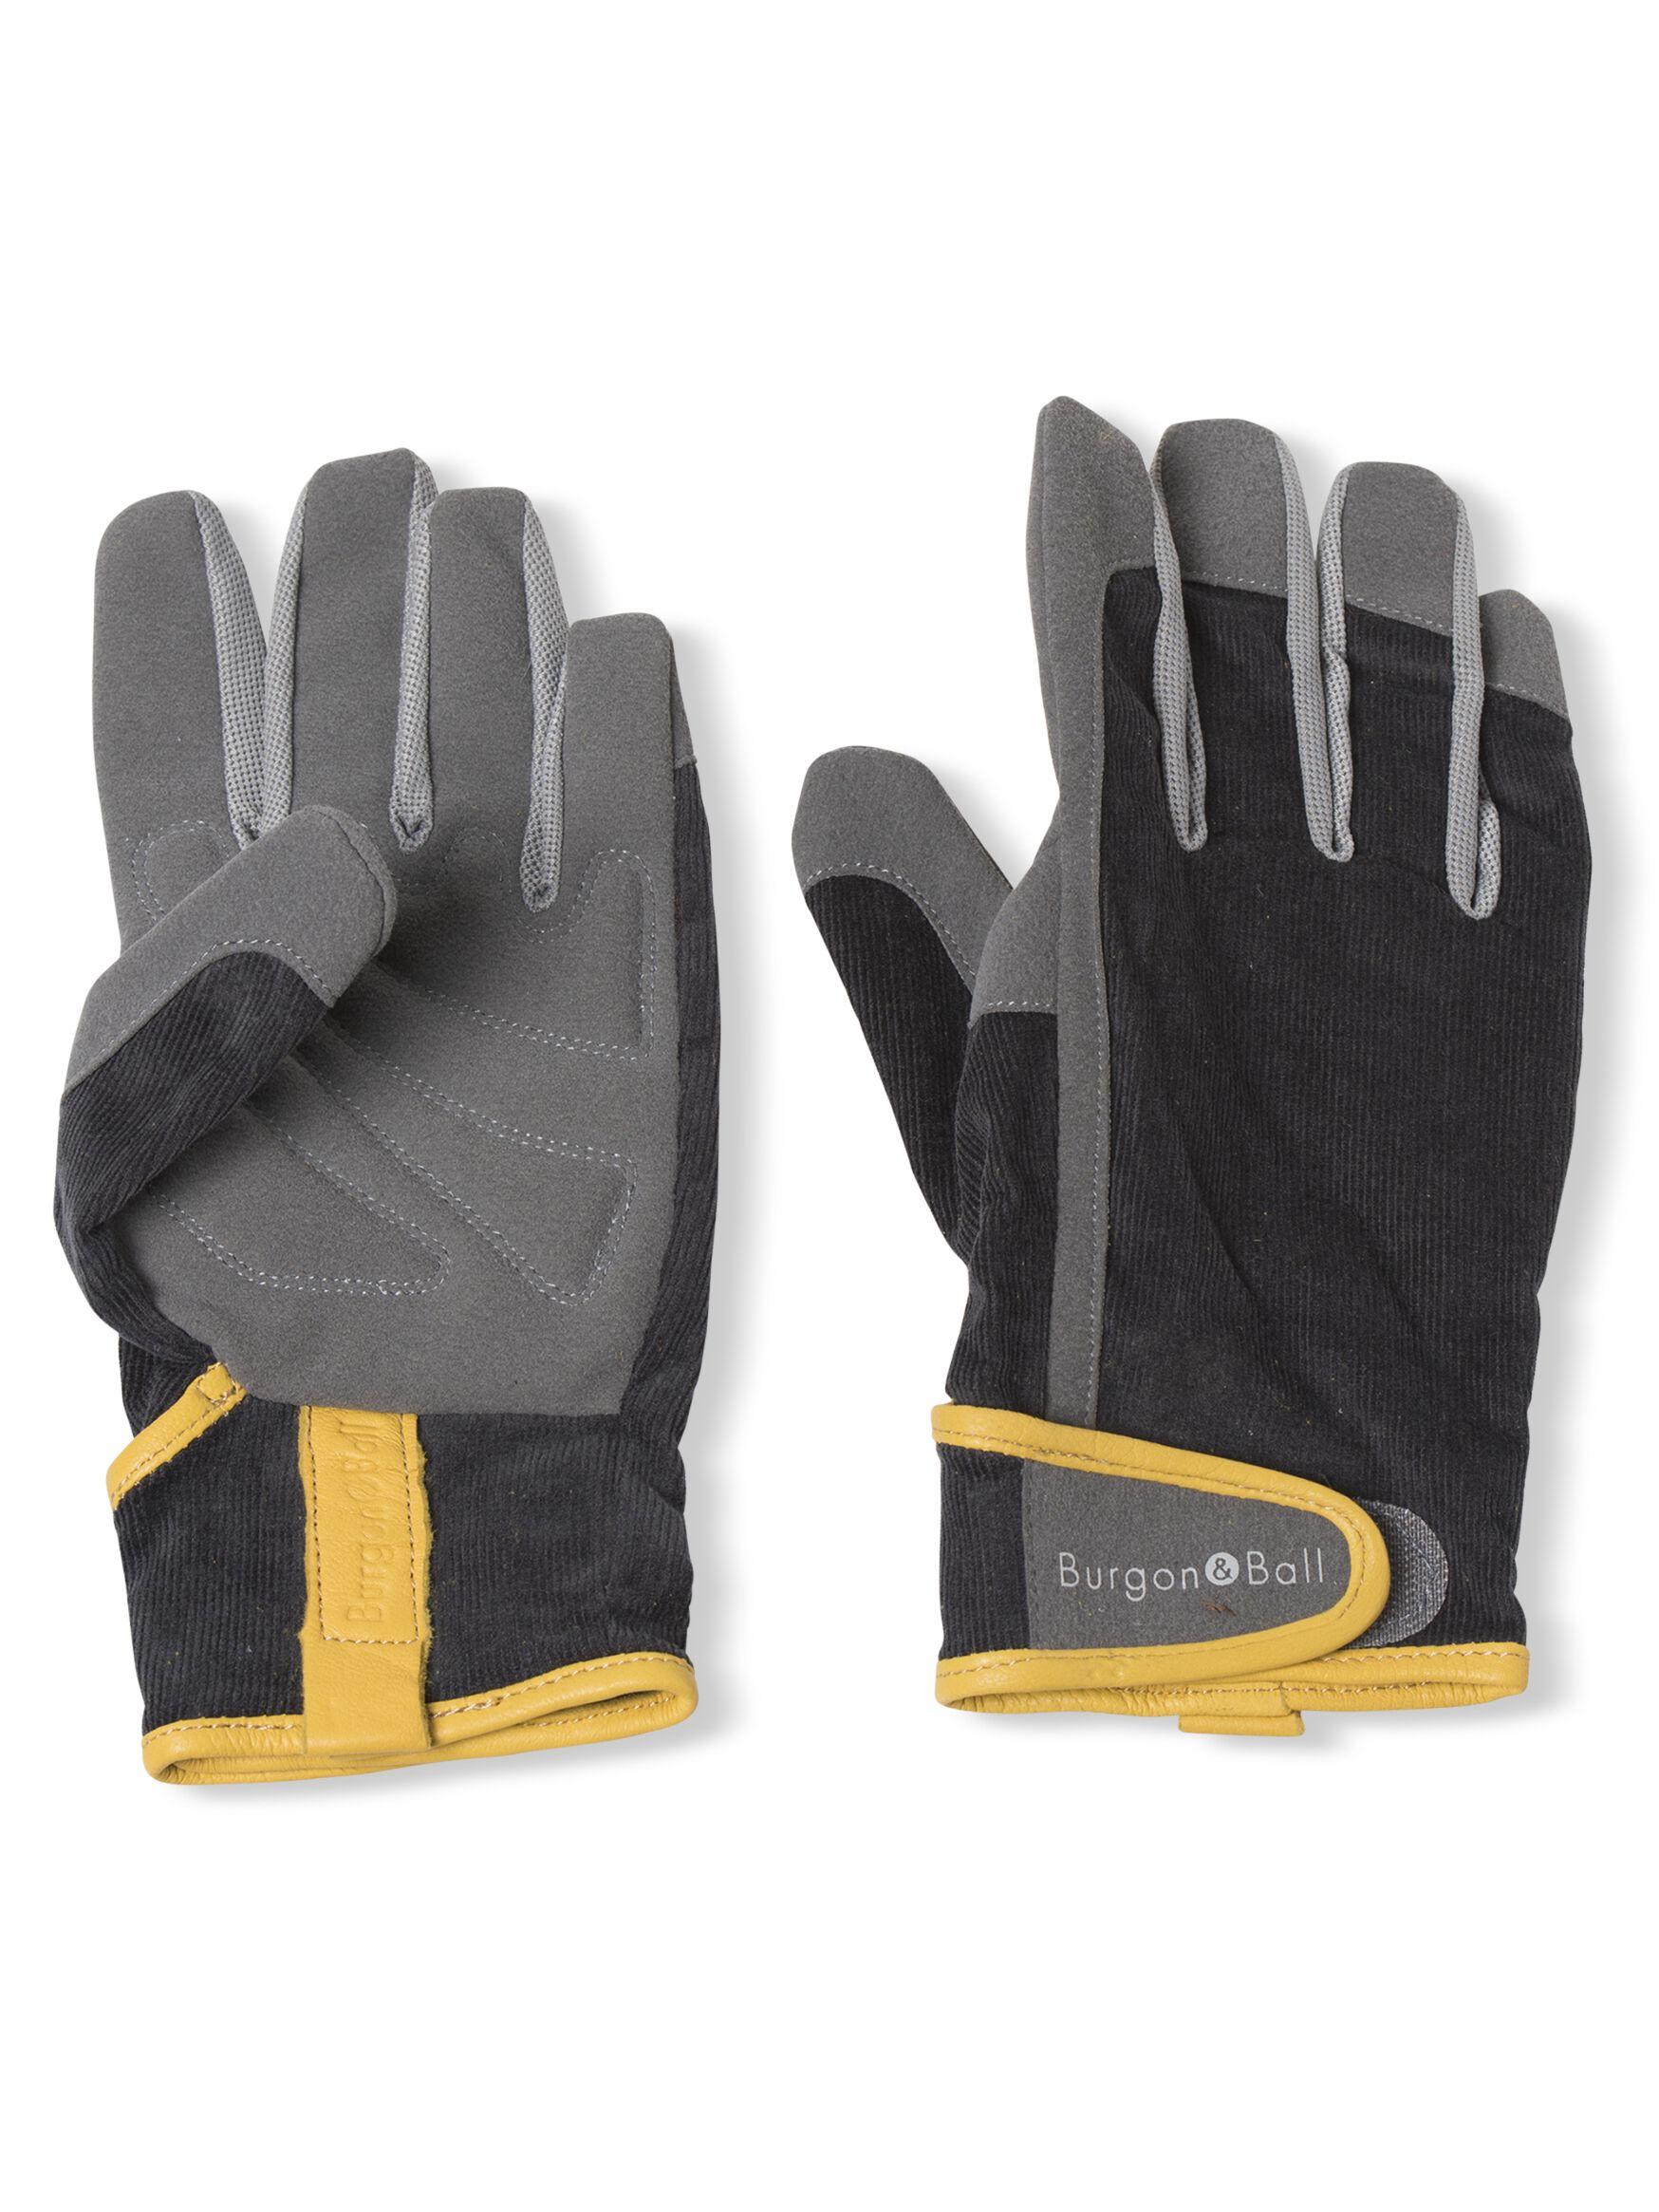 Garden Gloves - Mens Dig the Glove Garden Glove with ...